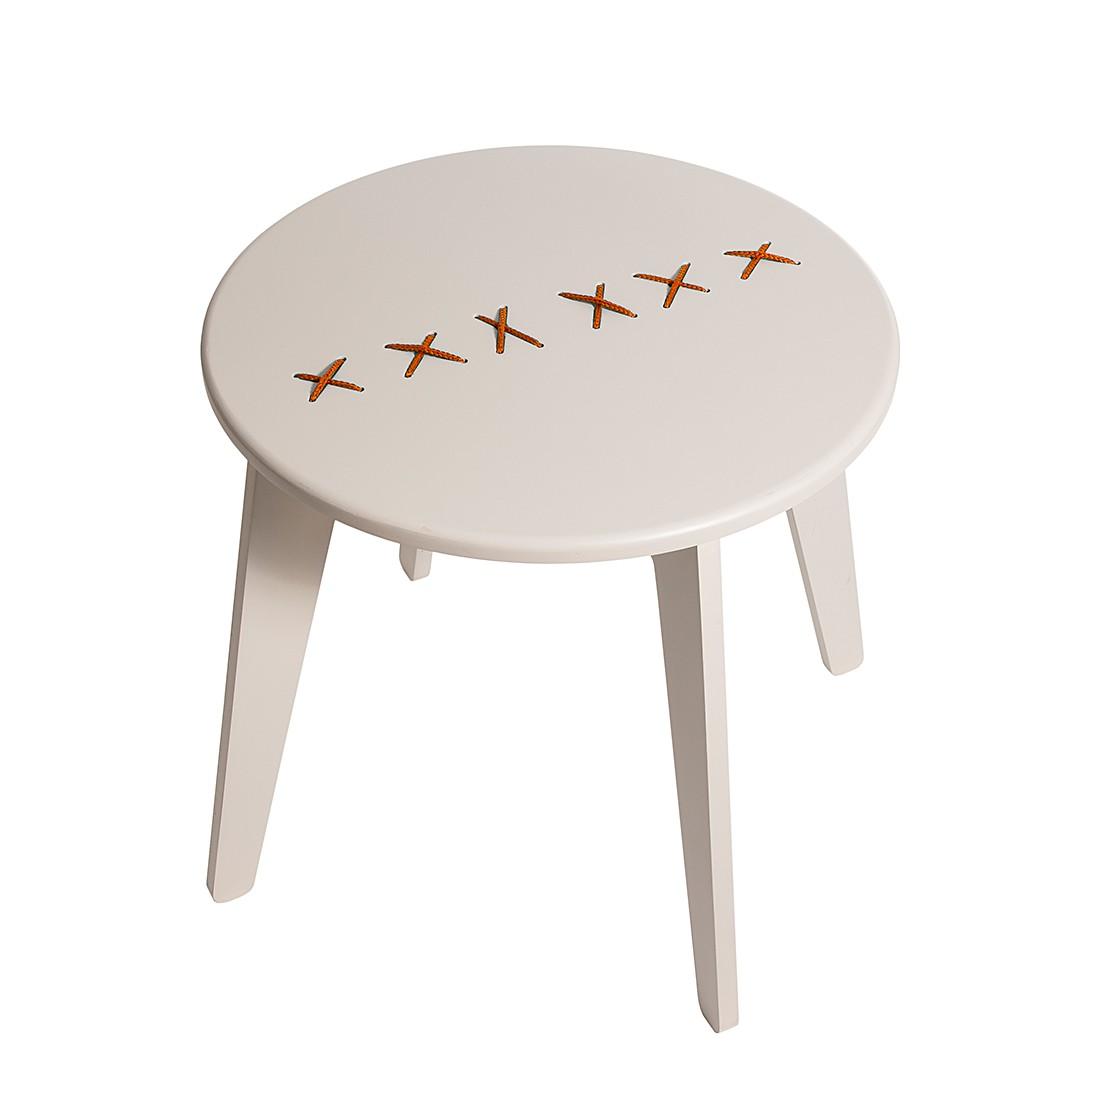 couchtisch stitched hellgrau orange metrocuadro design g nstig online kaufen. Black Bedroom Furniture Sets. Home Design Ideas